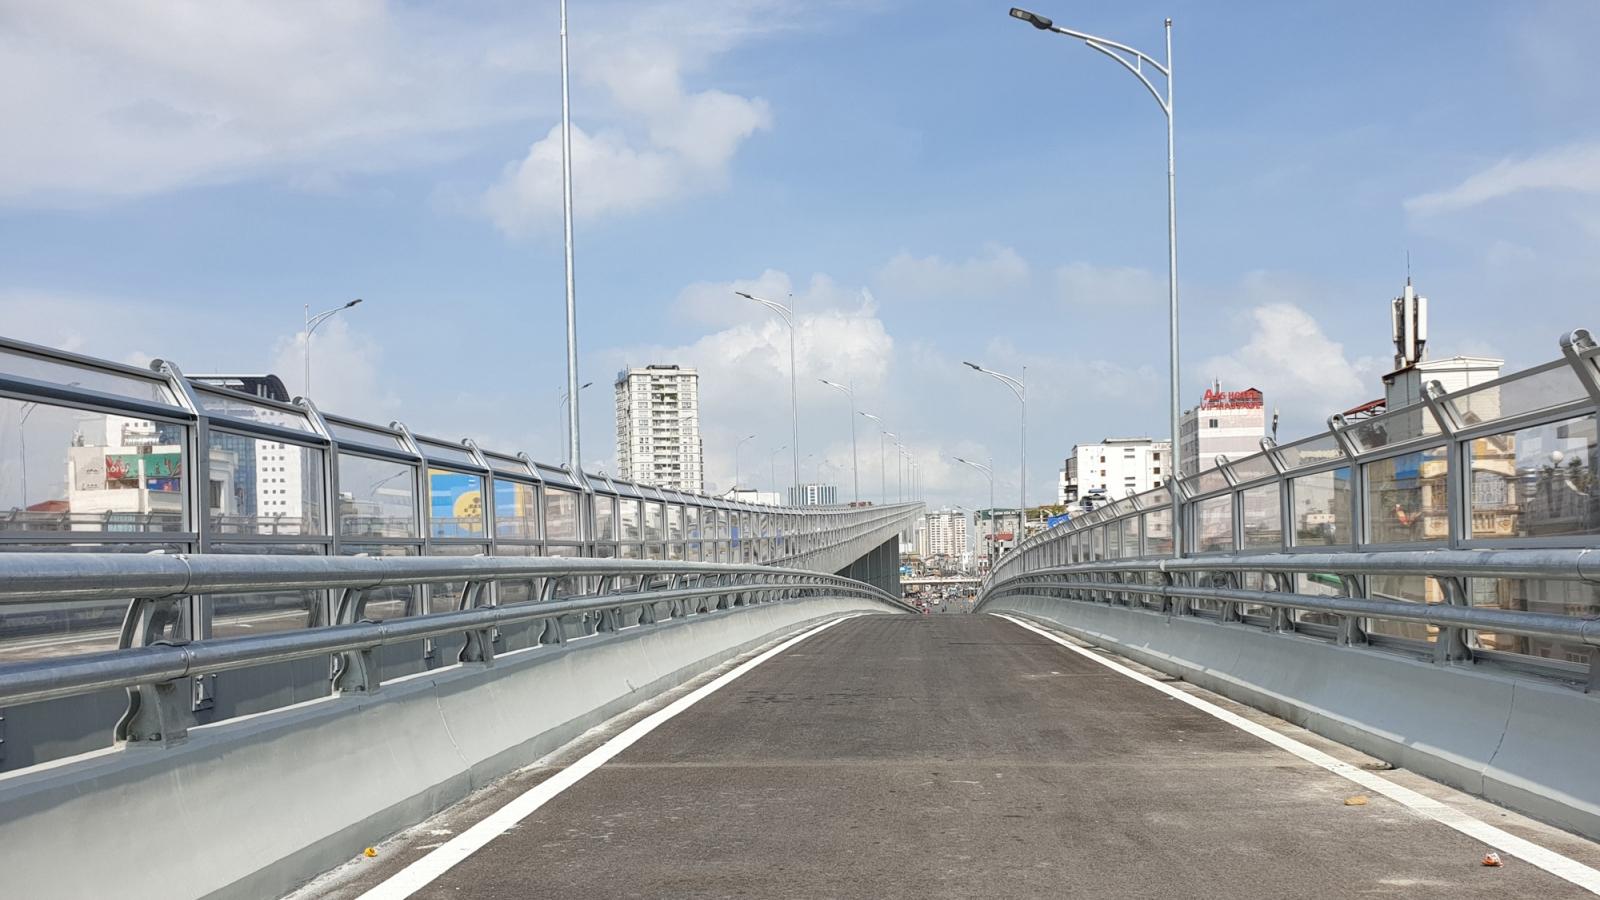 """Những dự án giao thông đột phá đầu tư, đồng bộ """"diện mạo mới"""" của Hà Nội 5 năm tới"""